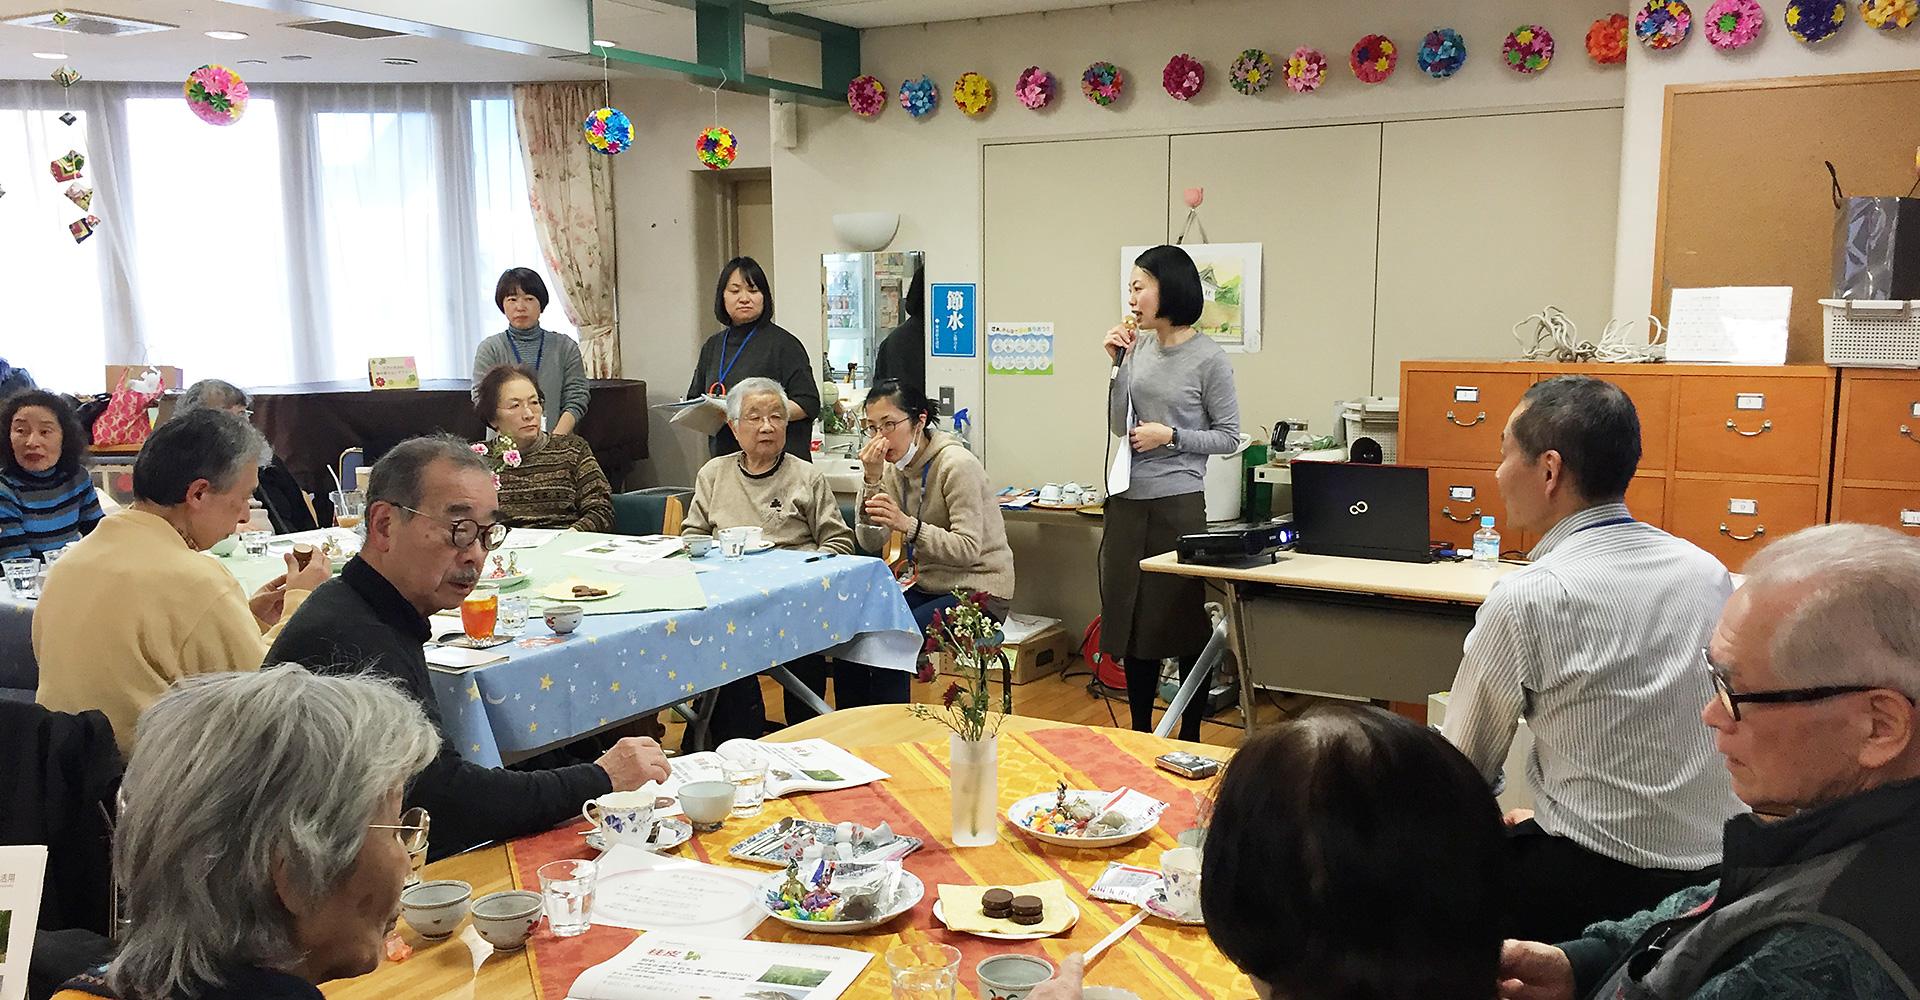 「冷え症ミニセミナー」@渋谷区あやめの苑・代々木一覧画像